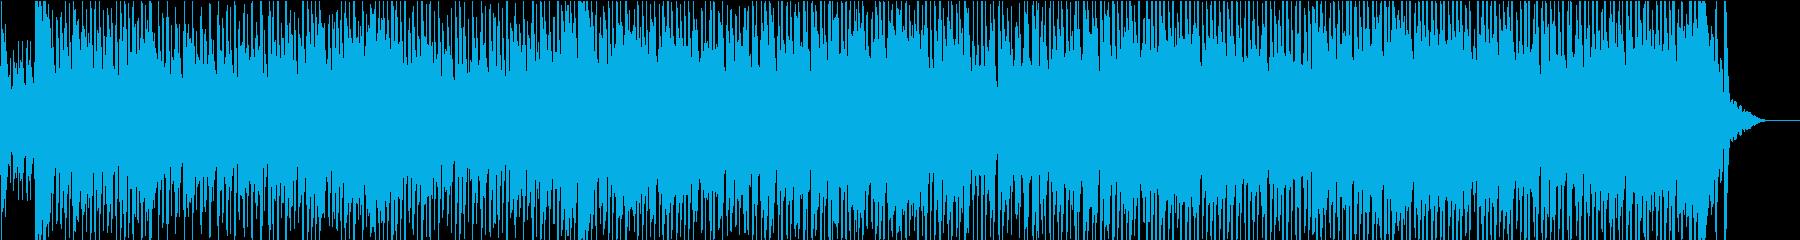 生演奏・高速ジプシーバイオリンのダンス曲の再生済みの波形